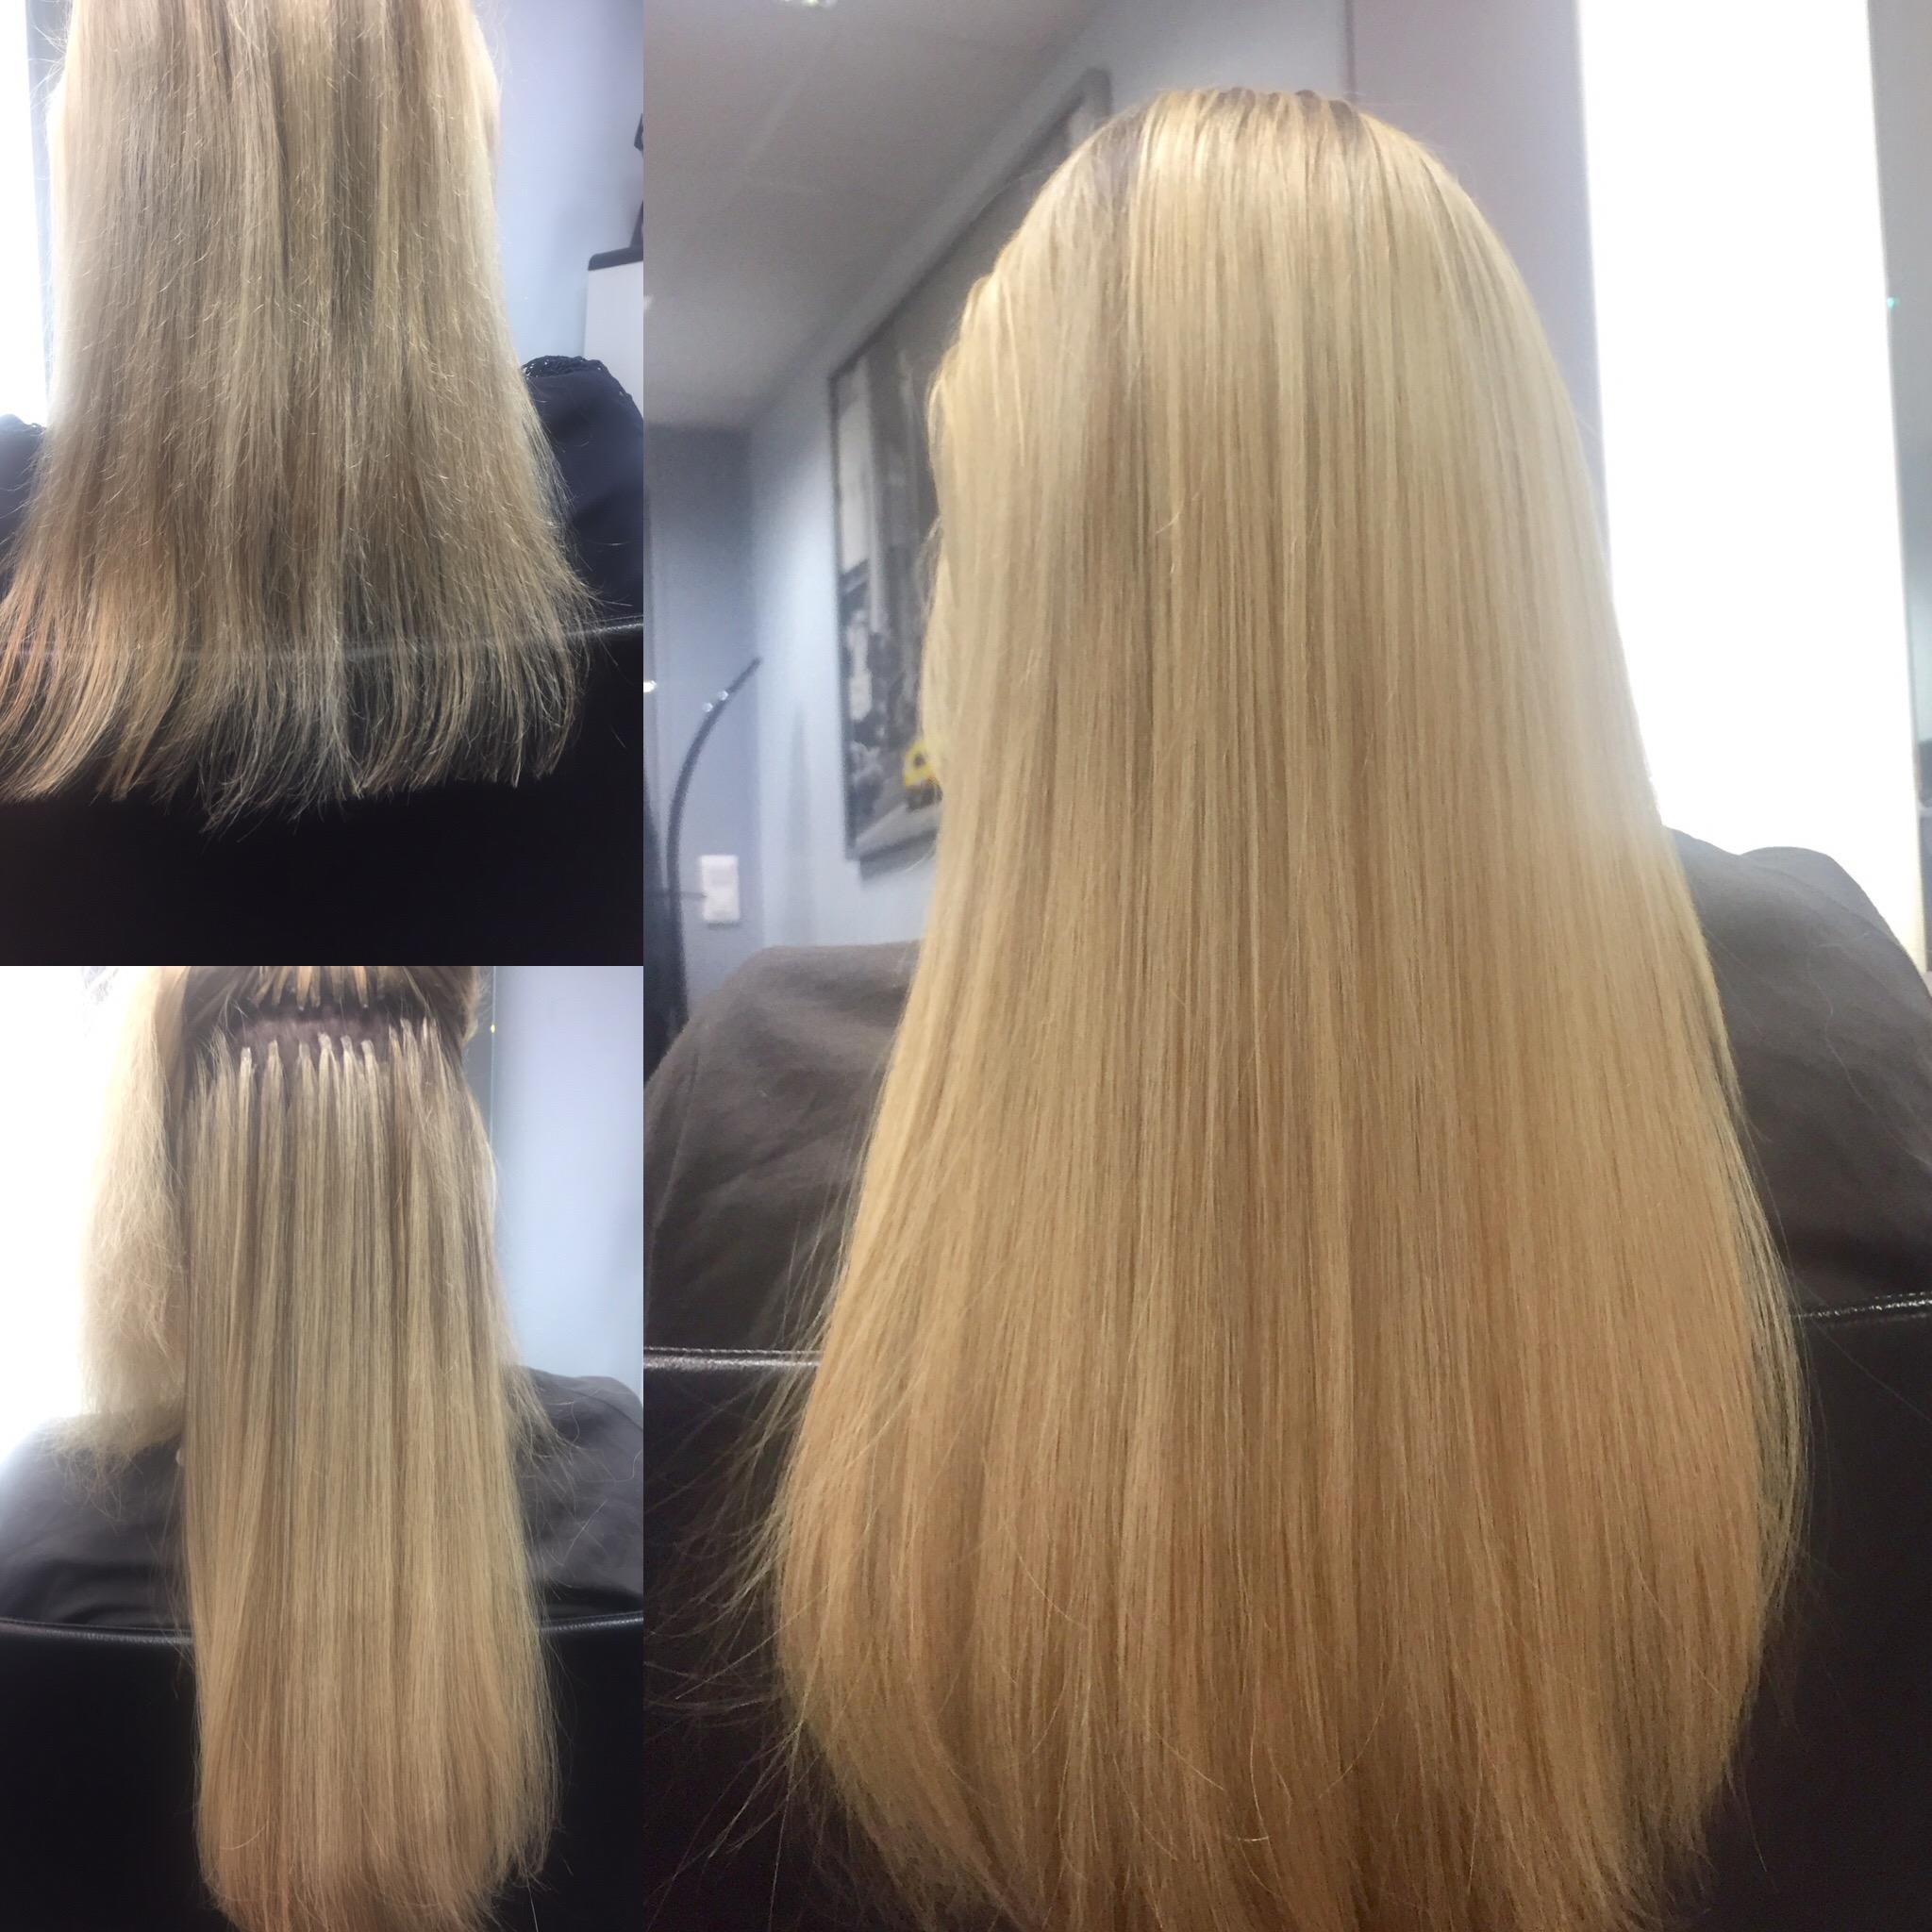 Studio hair nails avant apres extensions cheveux for Extension maison avant apres